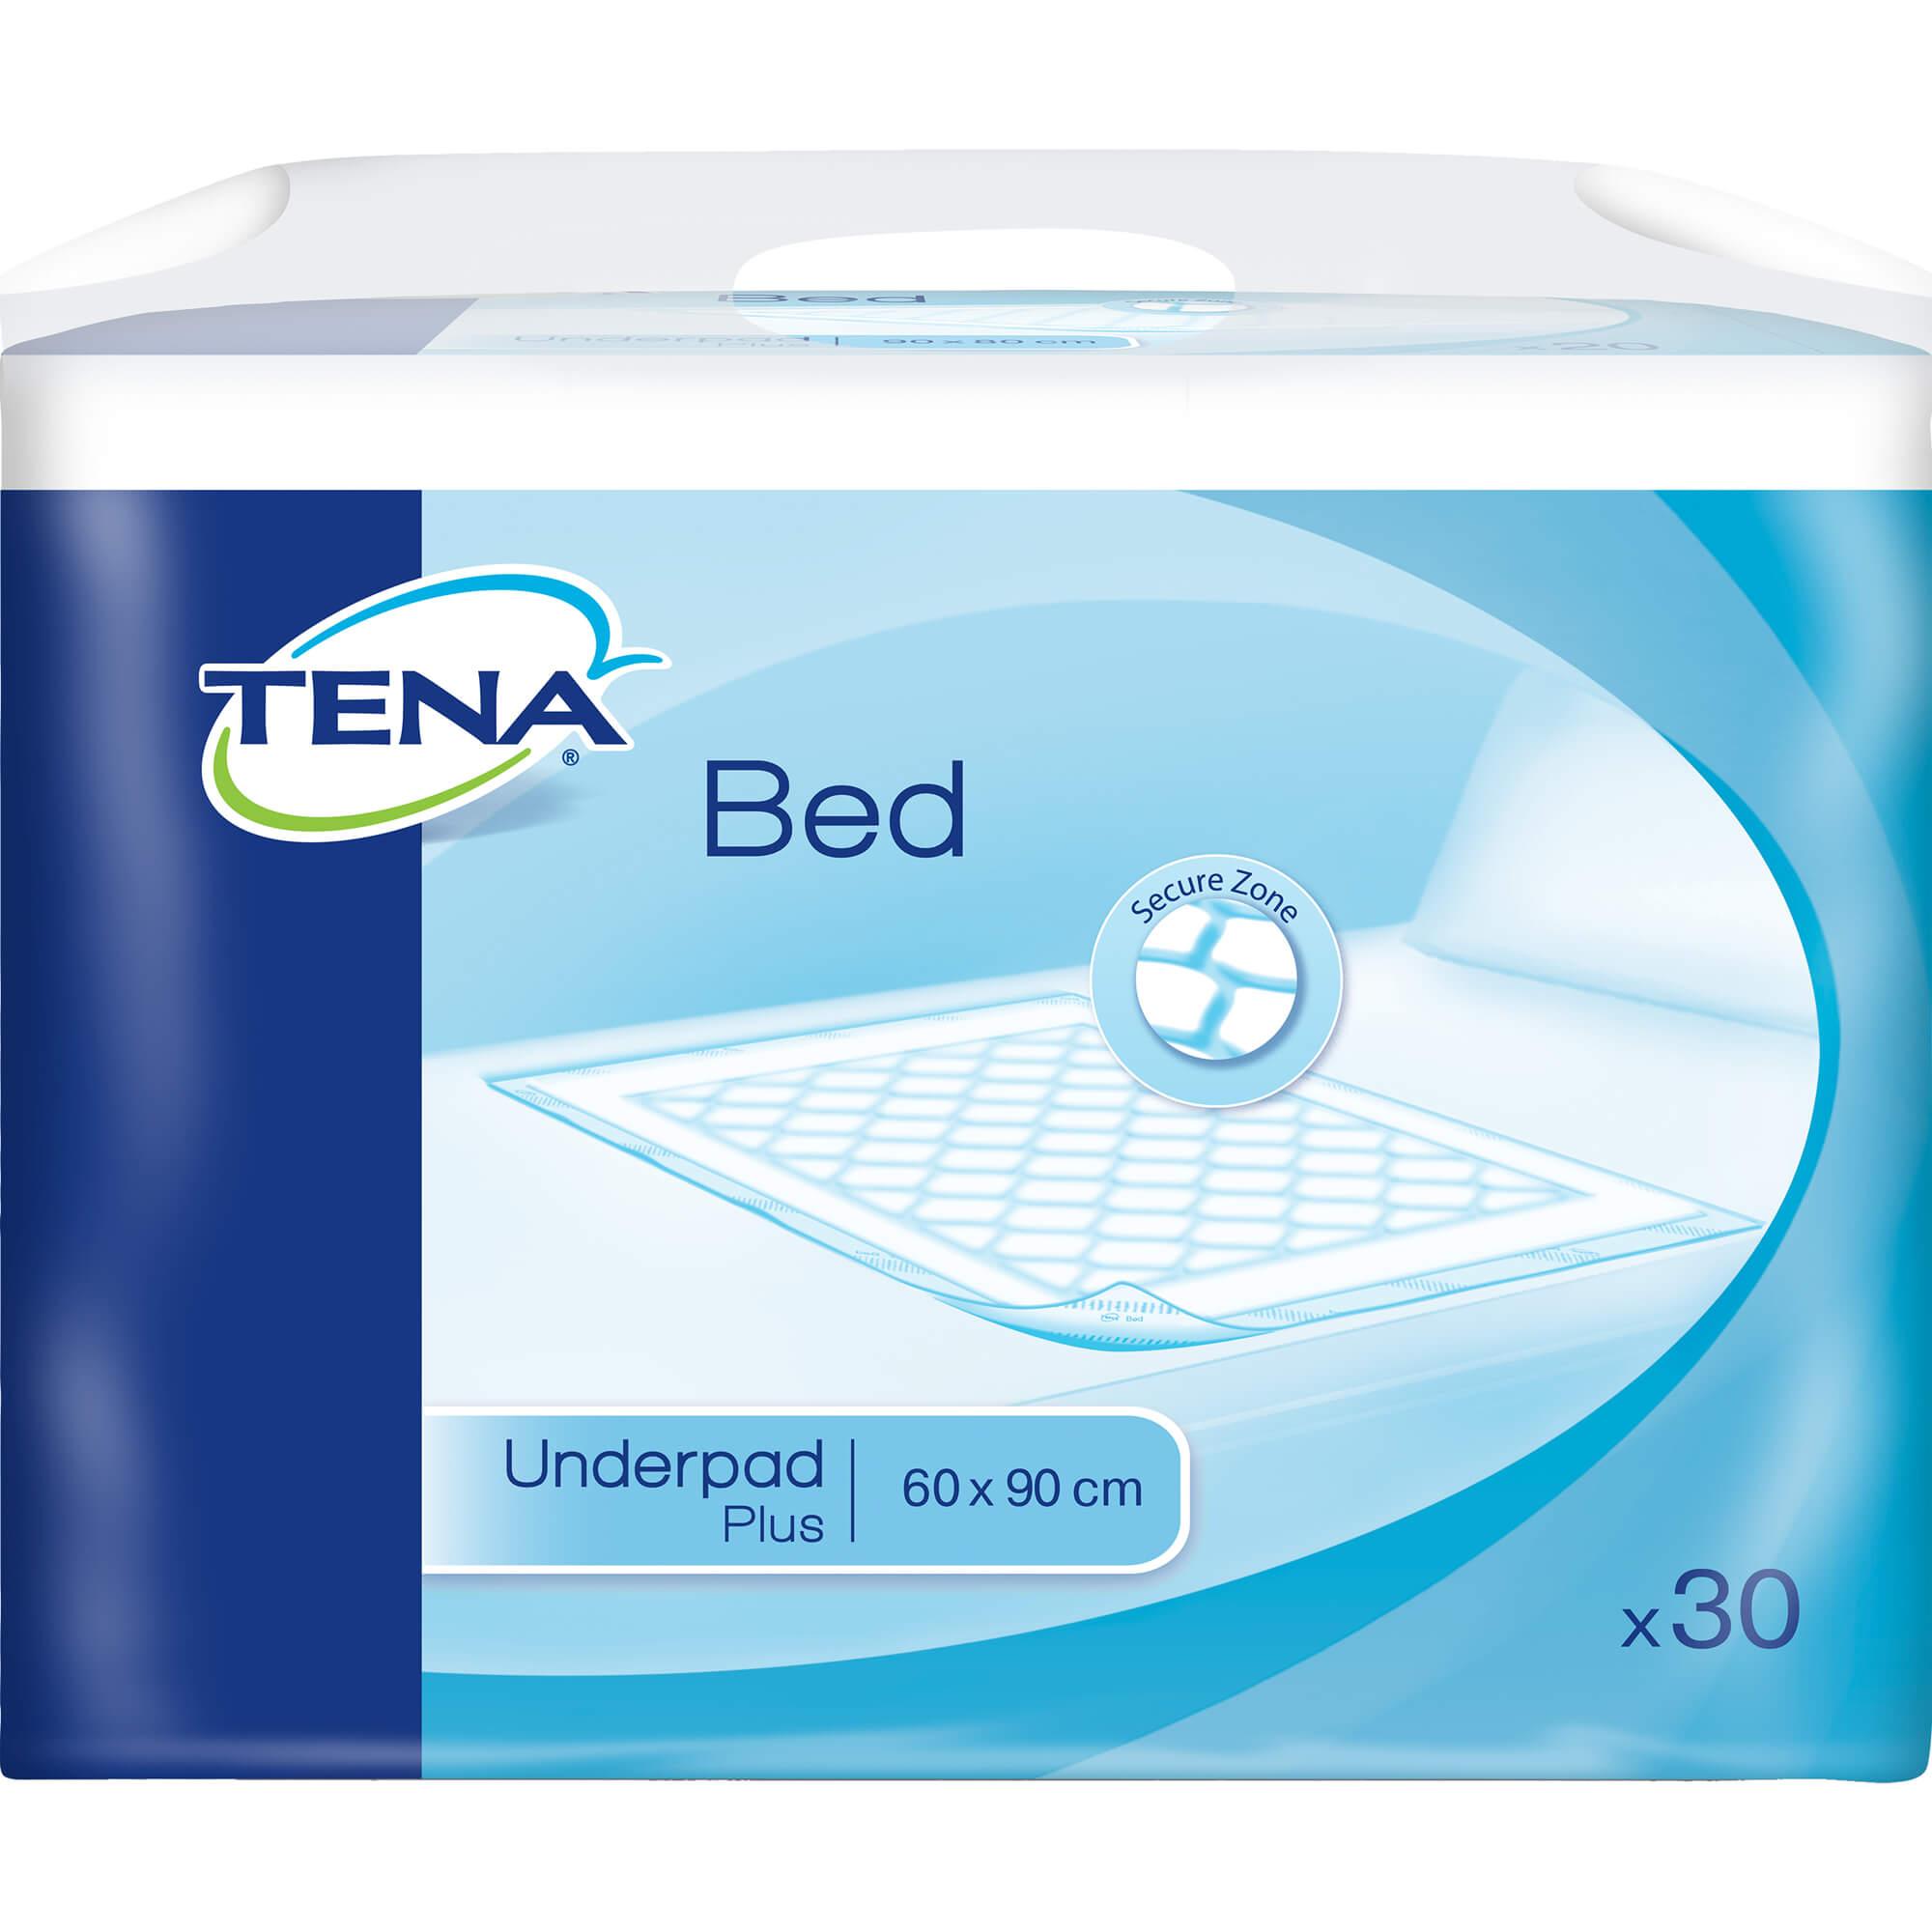 TENA BED plus 60x90 cm